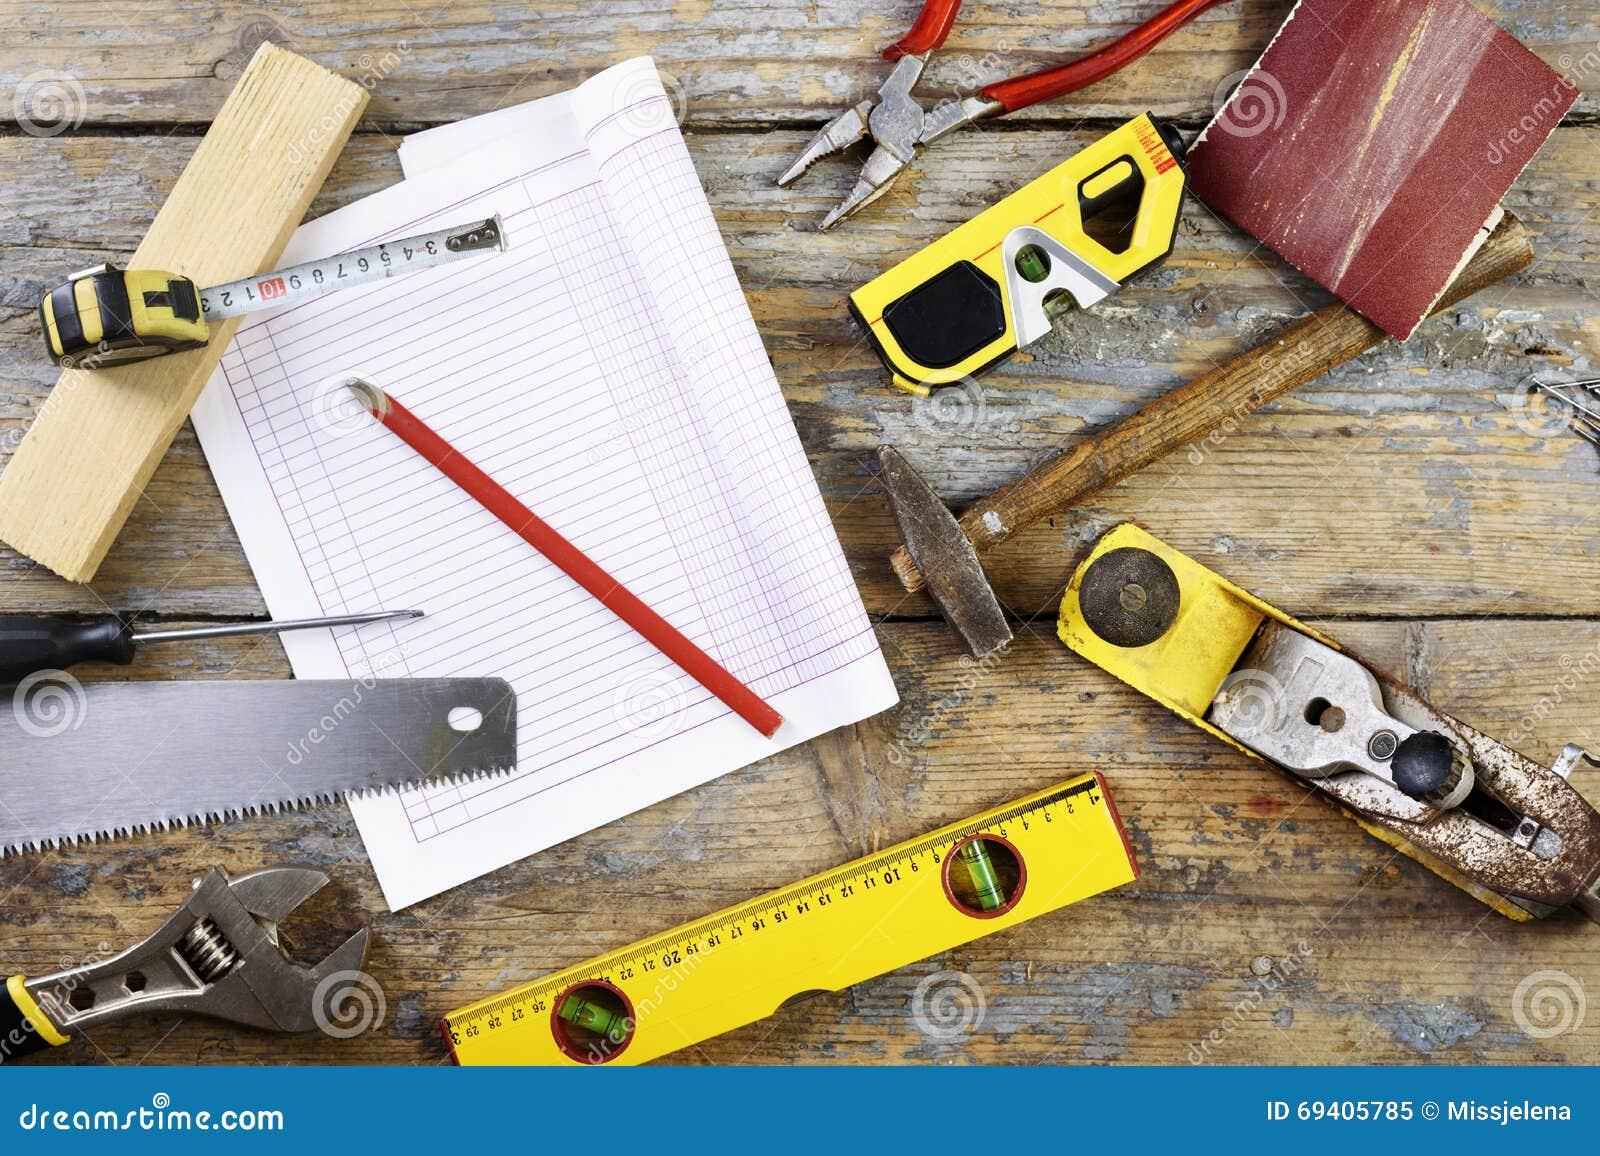 在木桌上的各种各样的木匠的工具.图片